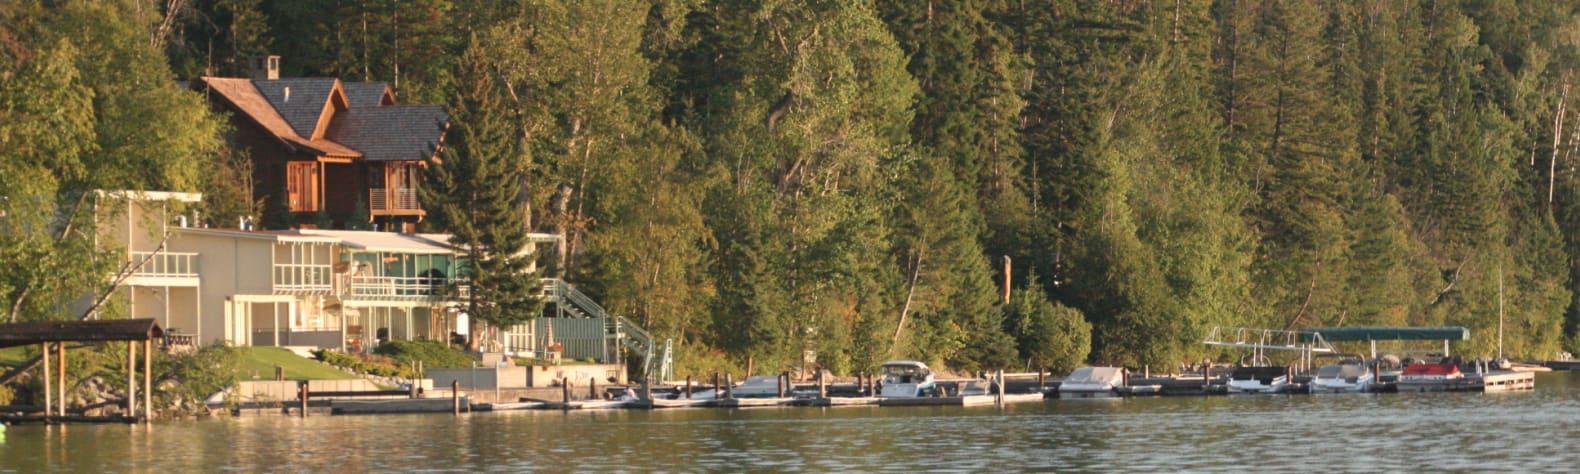 Flathead Lake State Park - Yellow Bay Unit